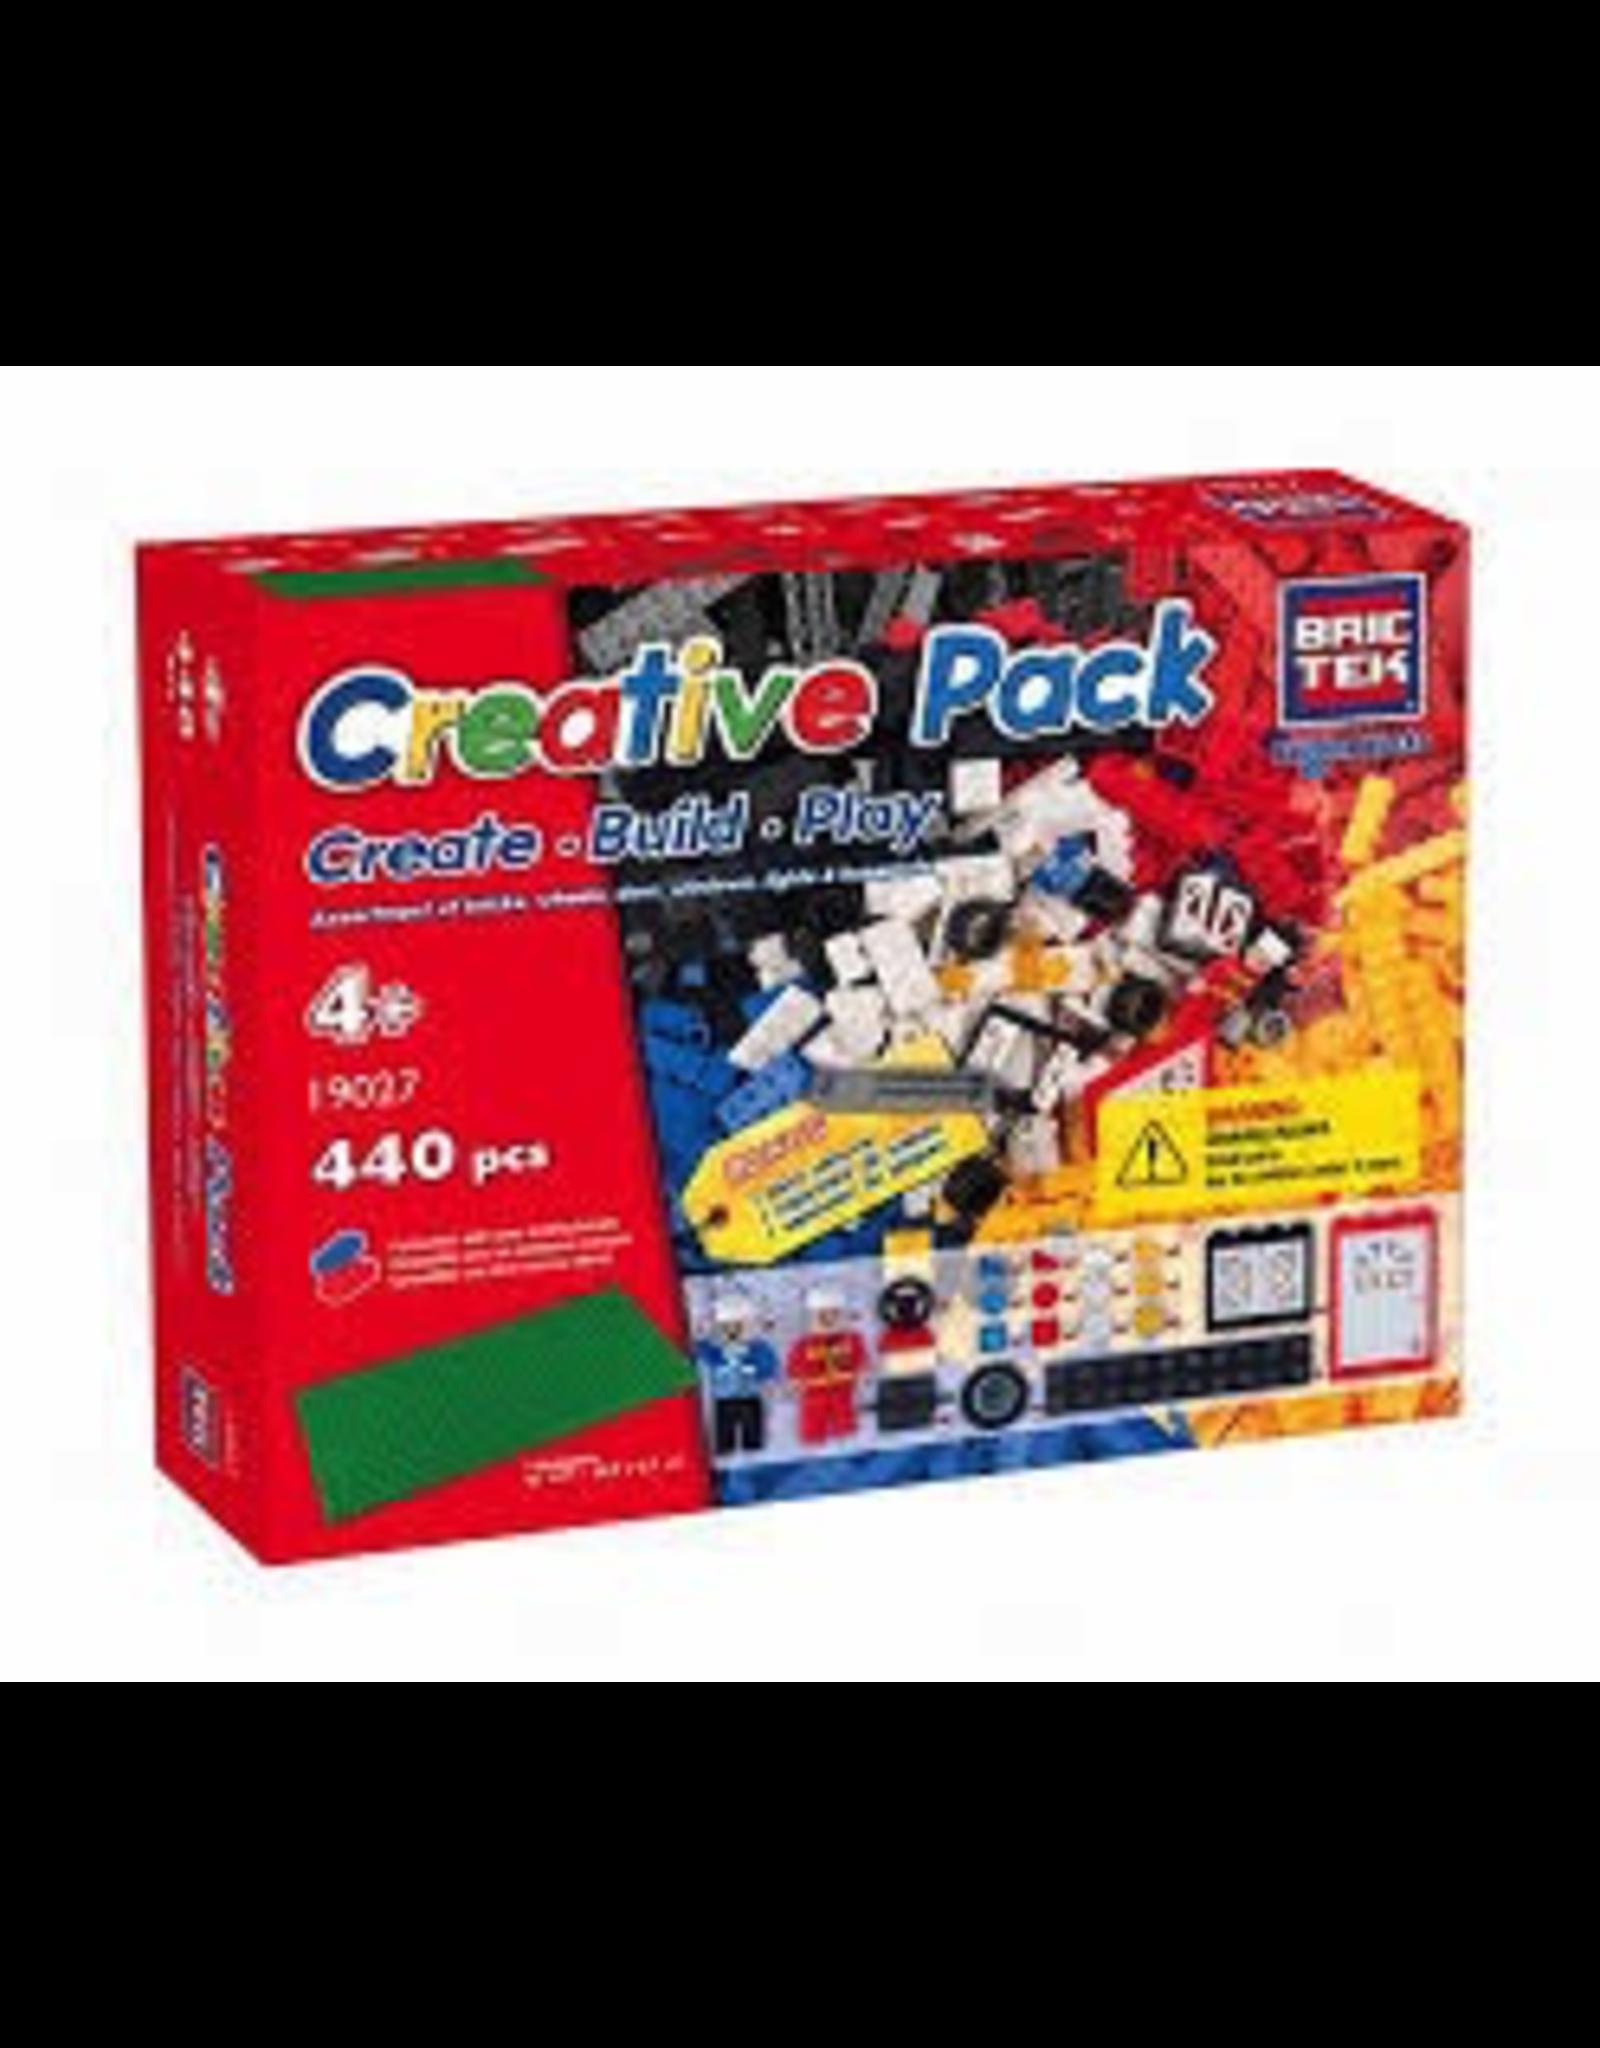 Bric Tek Brictek Creative Pack 440 Pcs